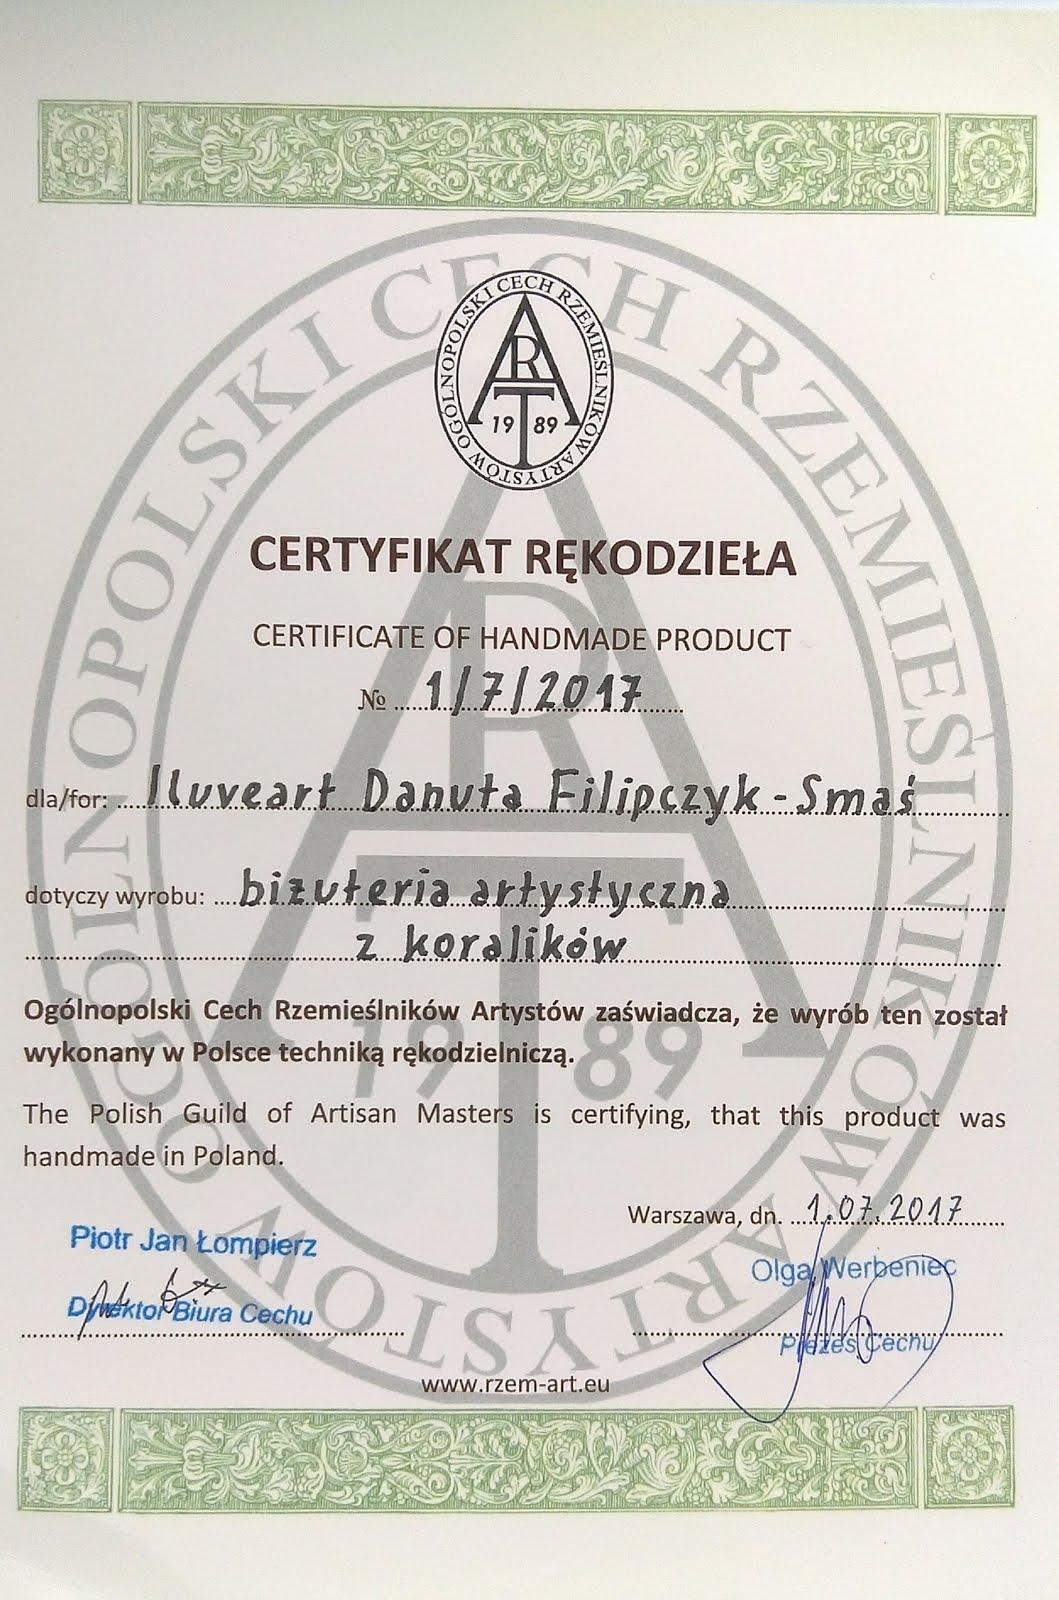 Certyfikat rękodzieła